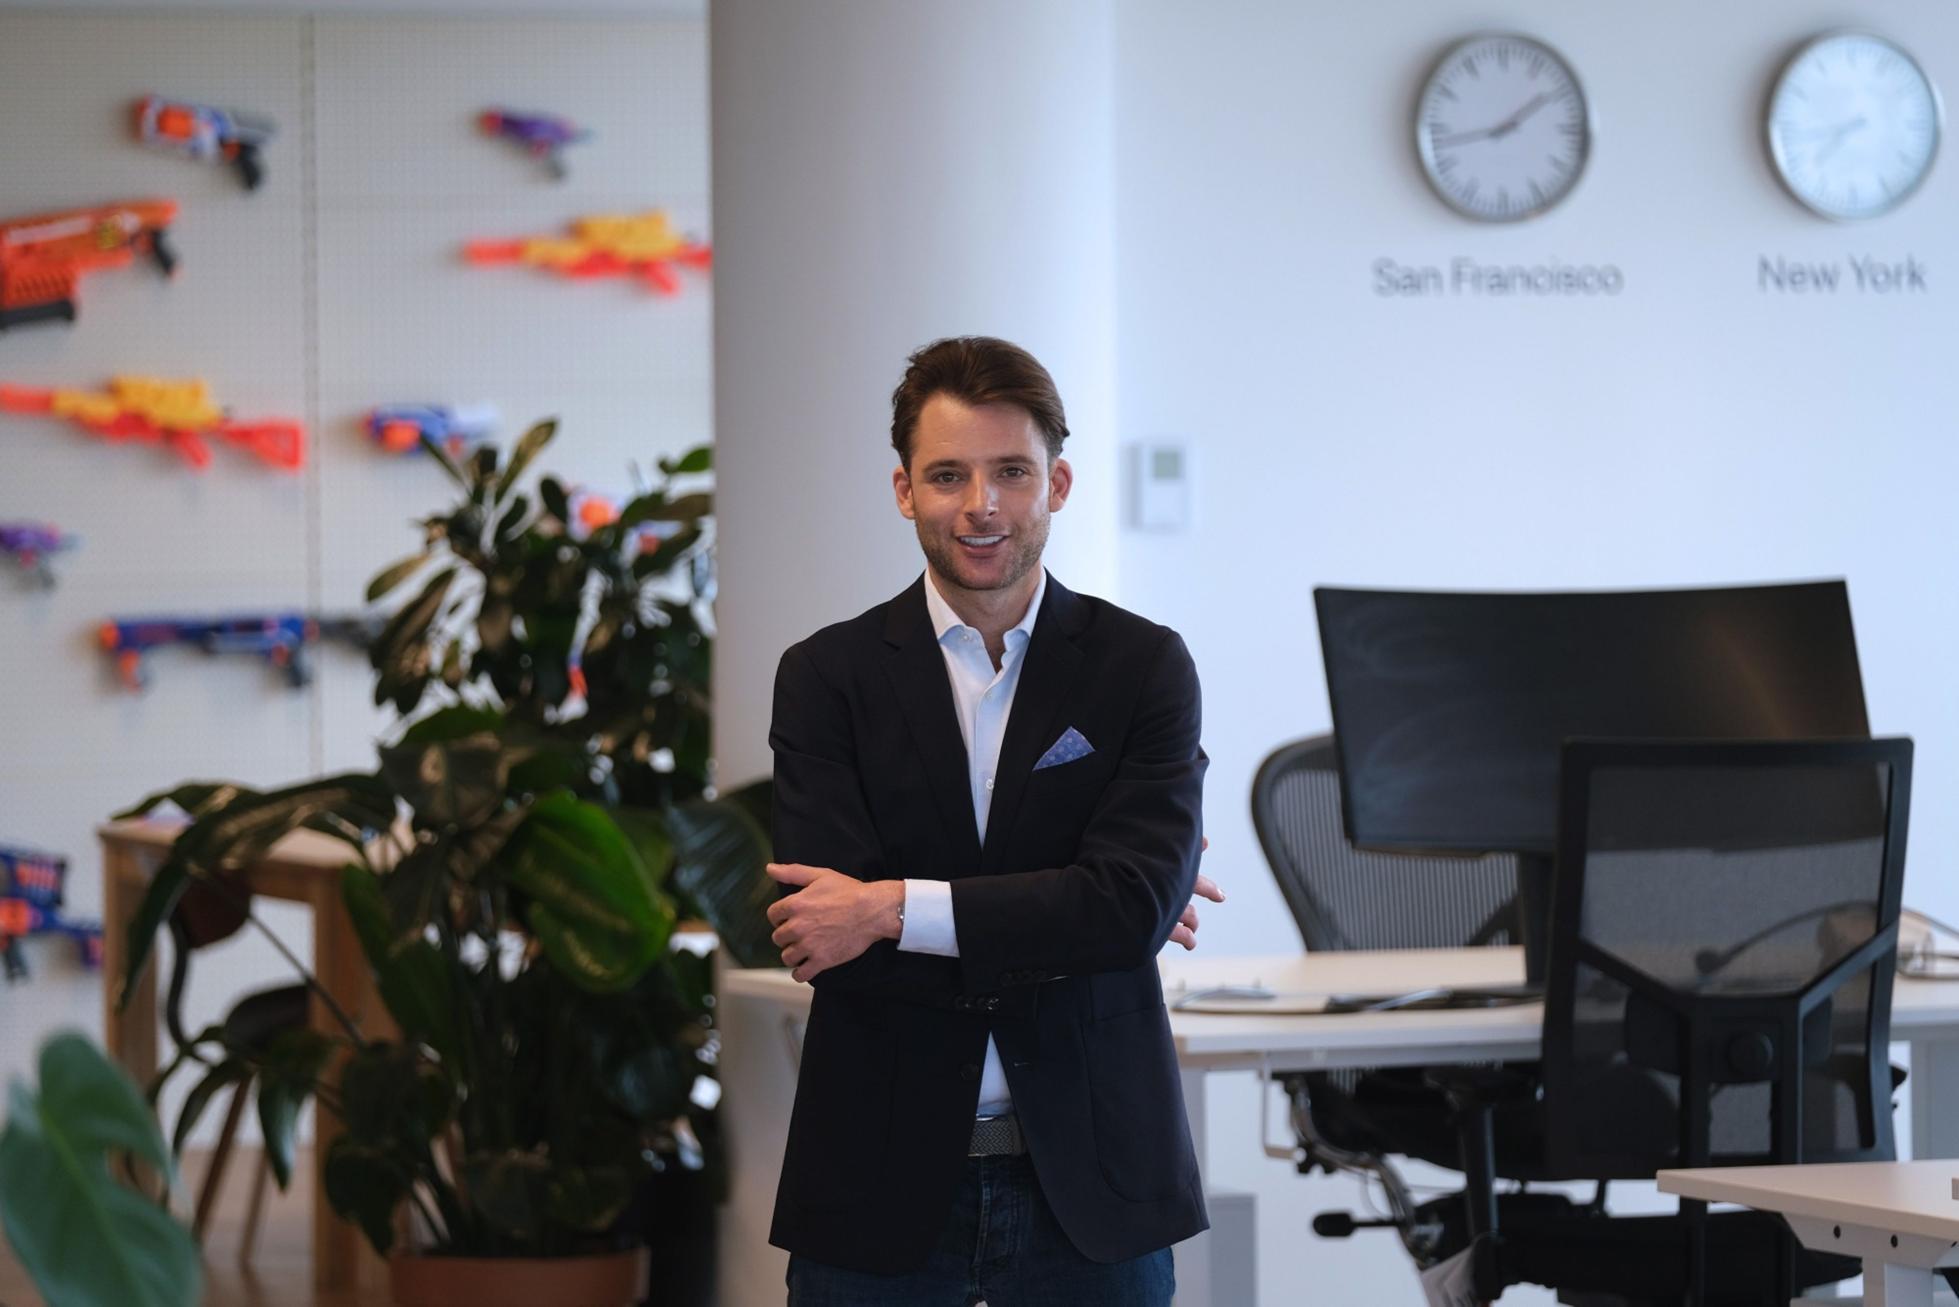 Dutch Startup MessageBird acquires SparkPost